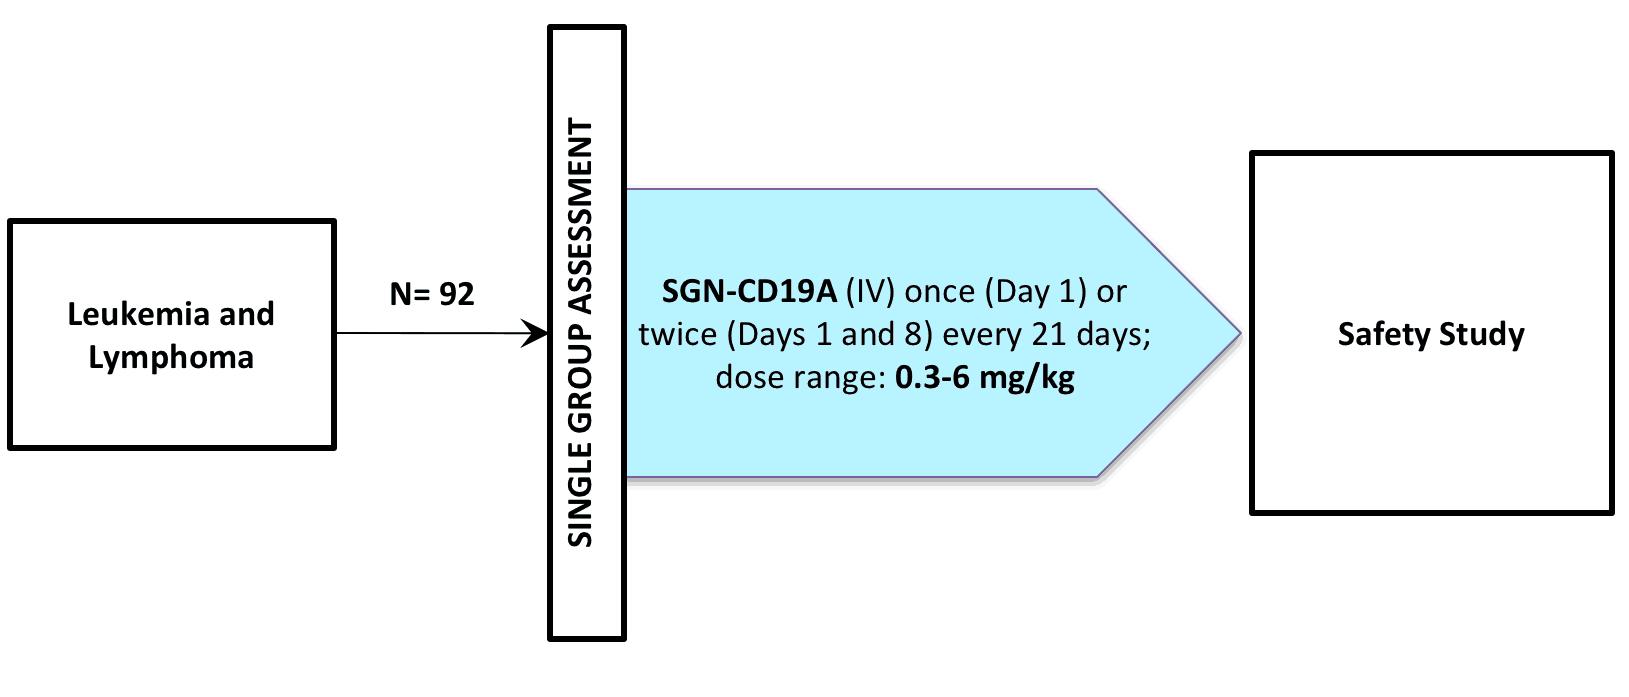 NCT01786096 (CLINICAL TRIAL / DENINTUZUMAB MAFODOTIN / SGN-CD19A / SGN-19A / HBU12-491)